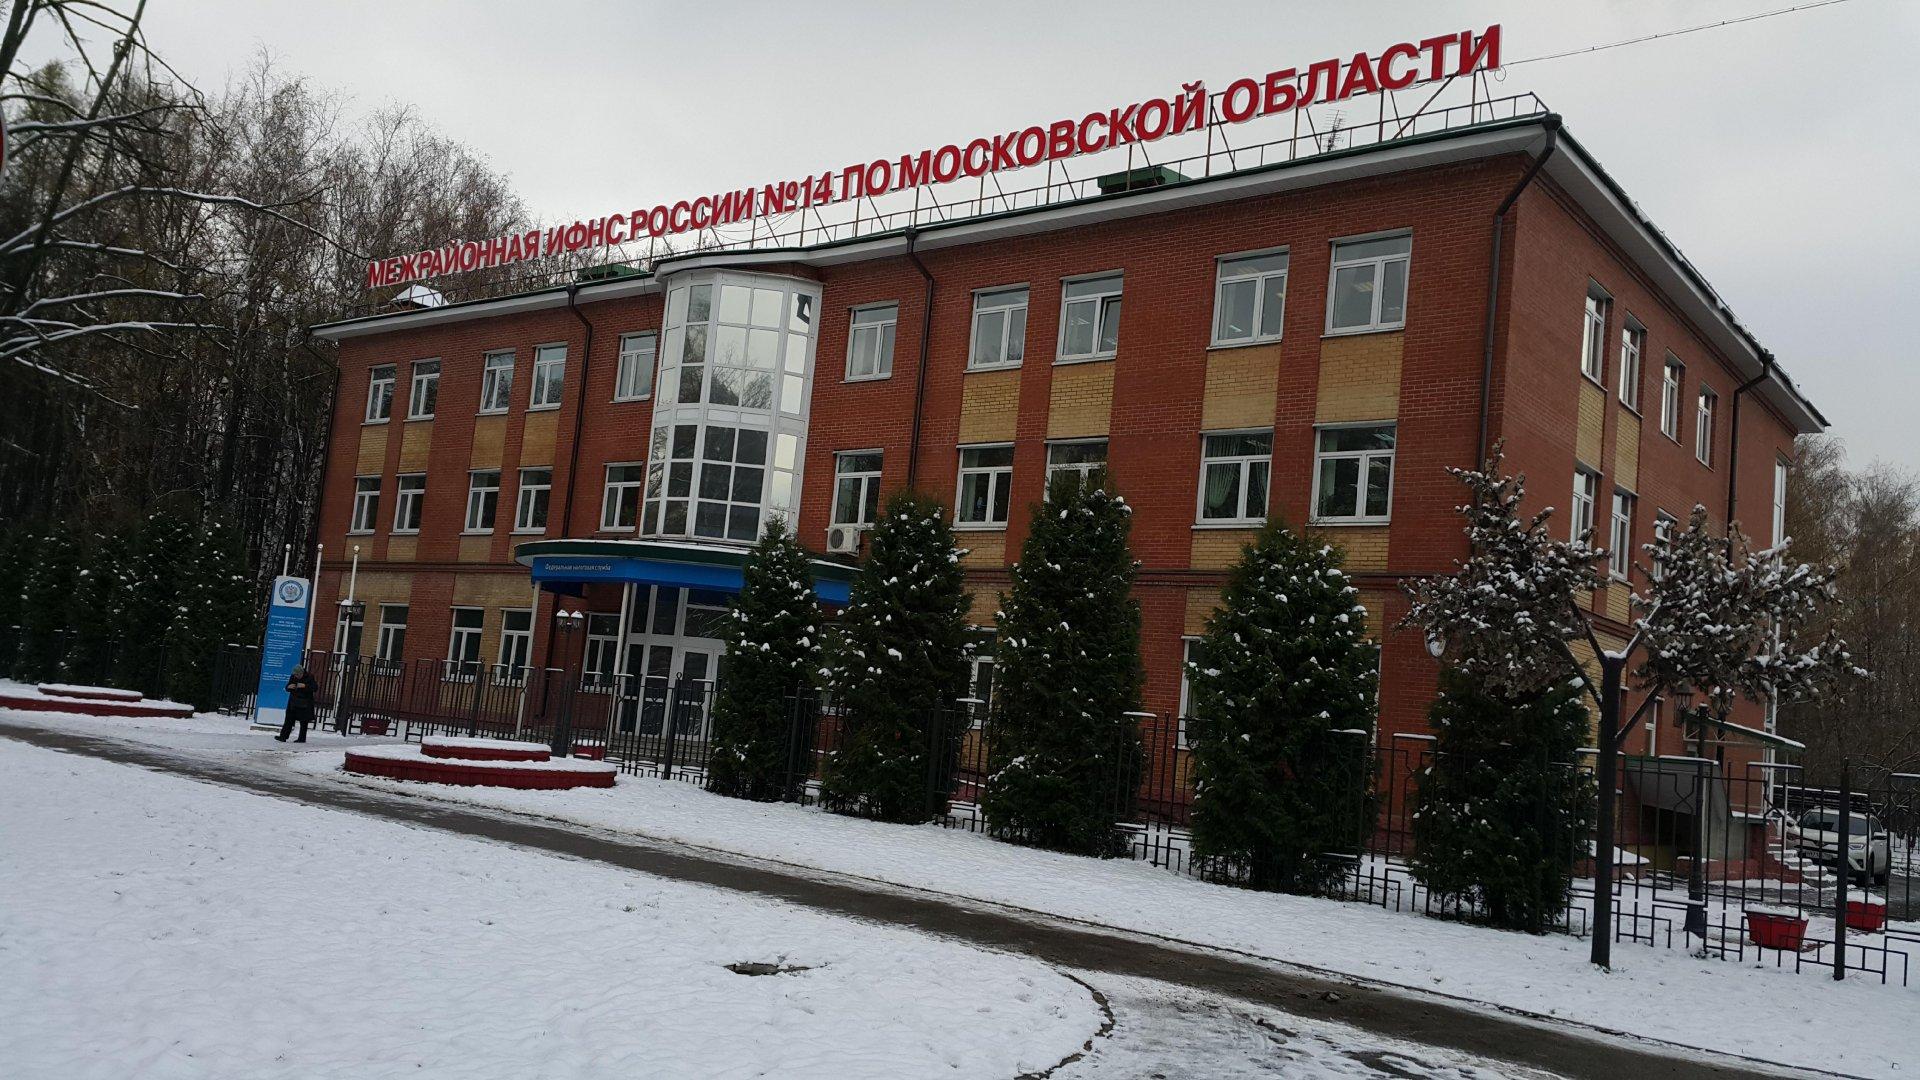 Межрайонная инспекция Федеральной налоговой службы России №14 по Московской области, Заводская, 22а